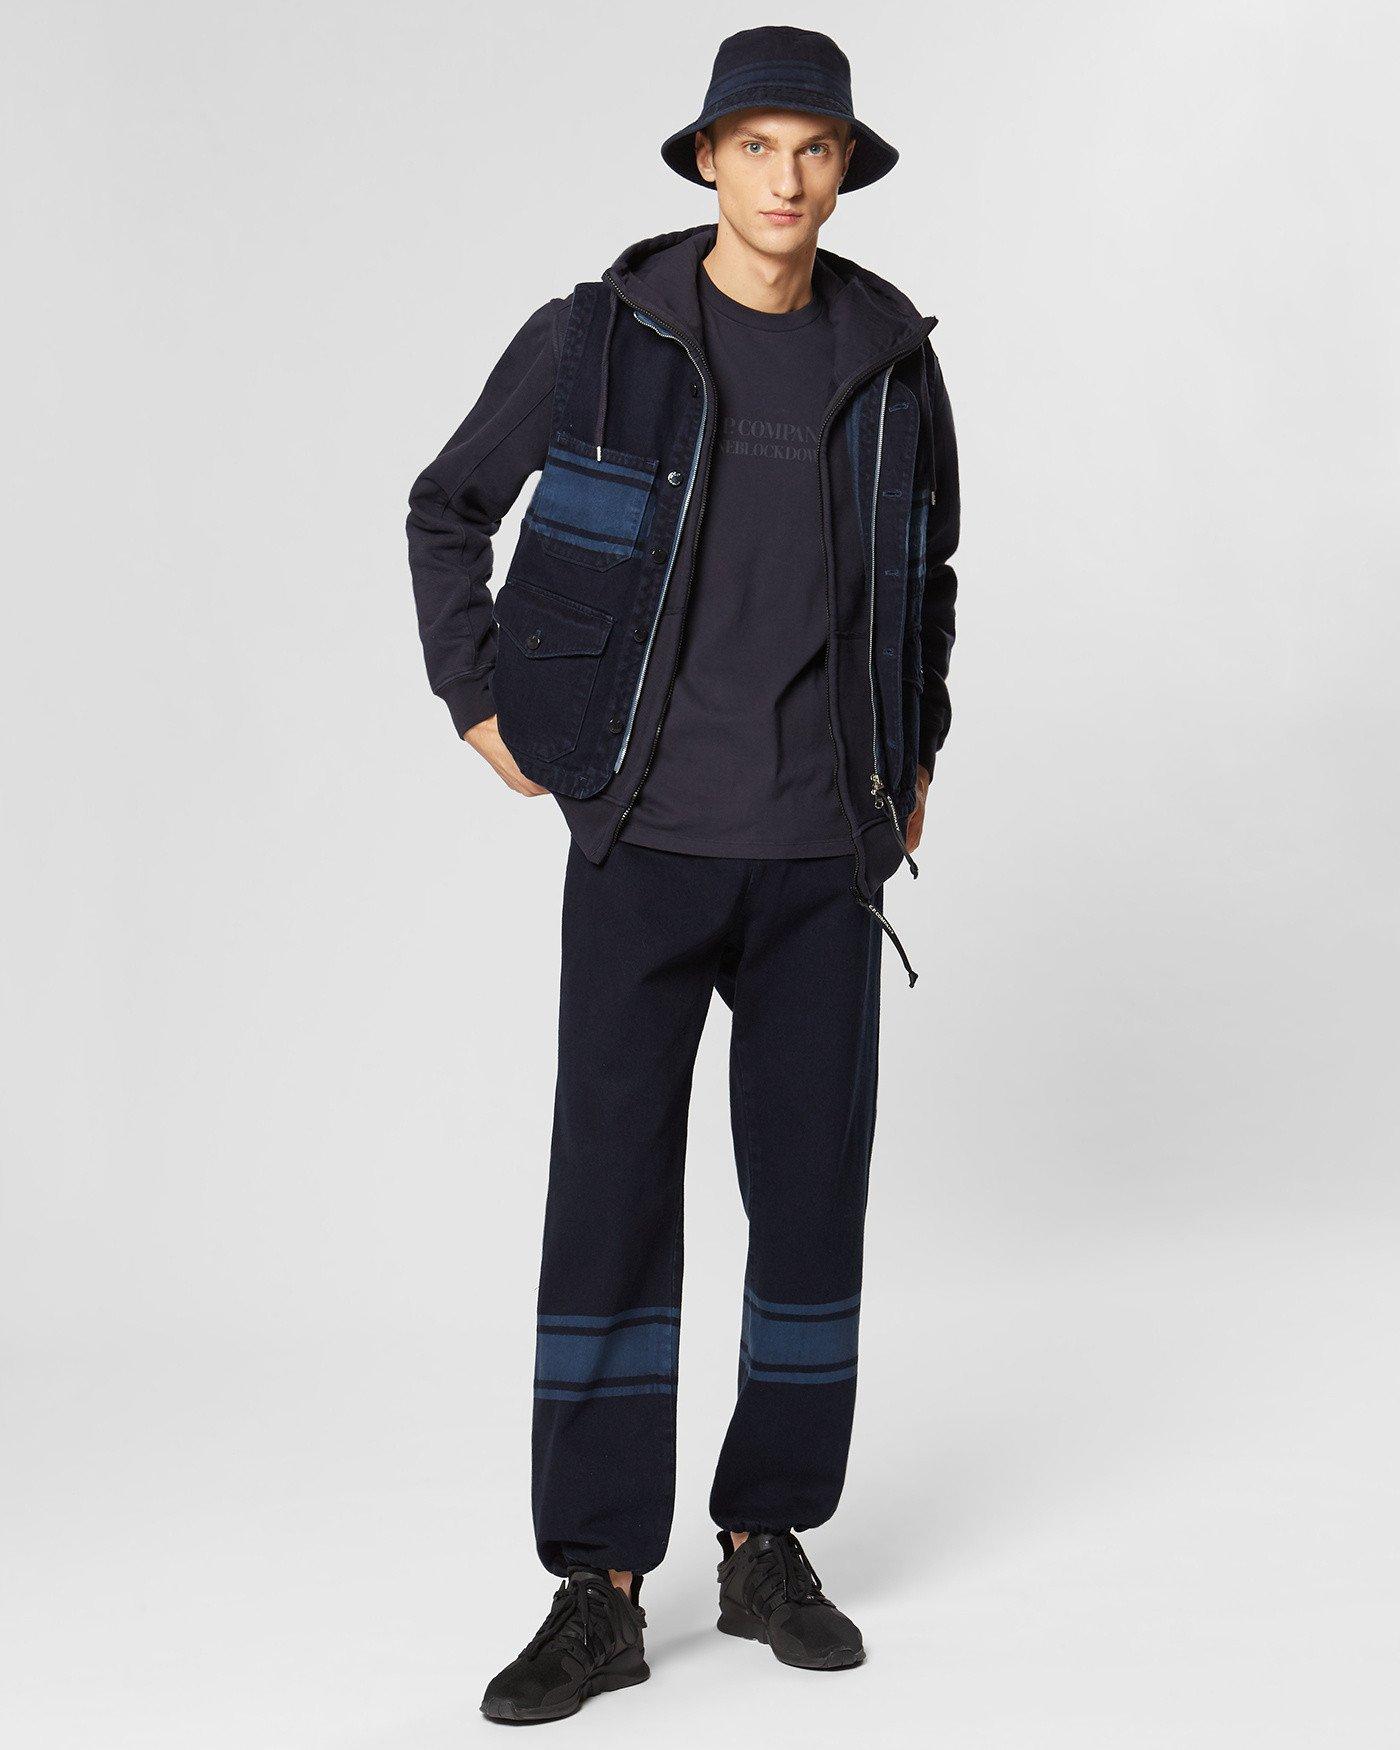 Denim 14 3/4 OZ Pants in Blue Denim